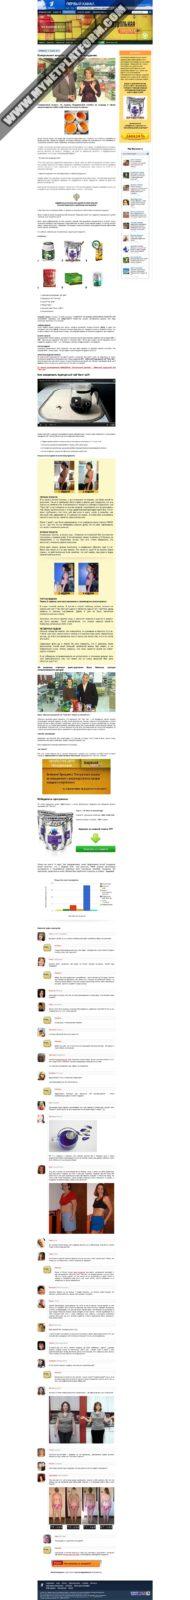 Скриншот Прокладка 1tv.ru для товара Пурпурный чай 01